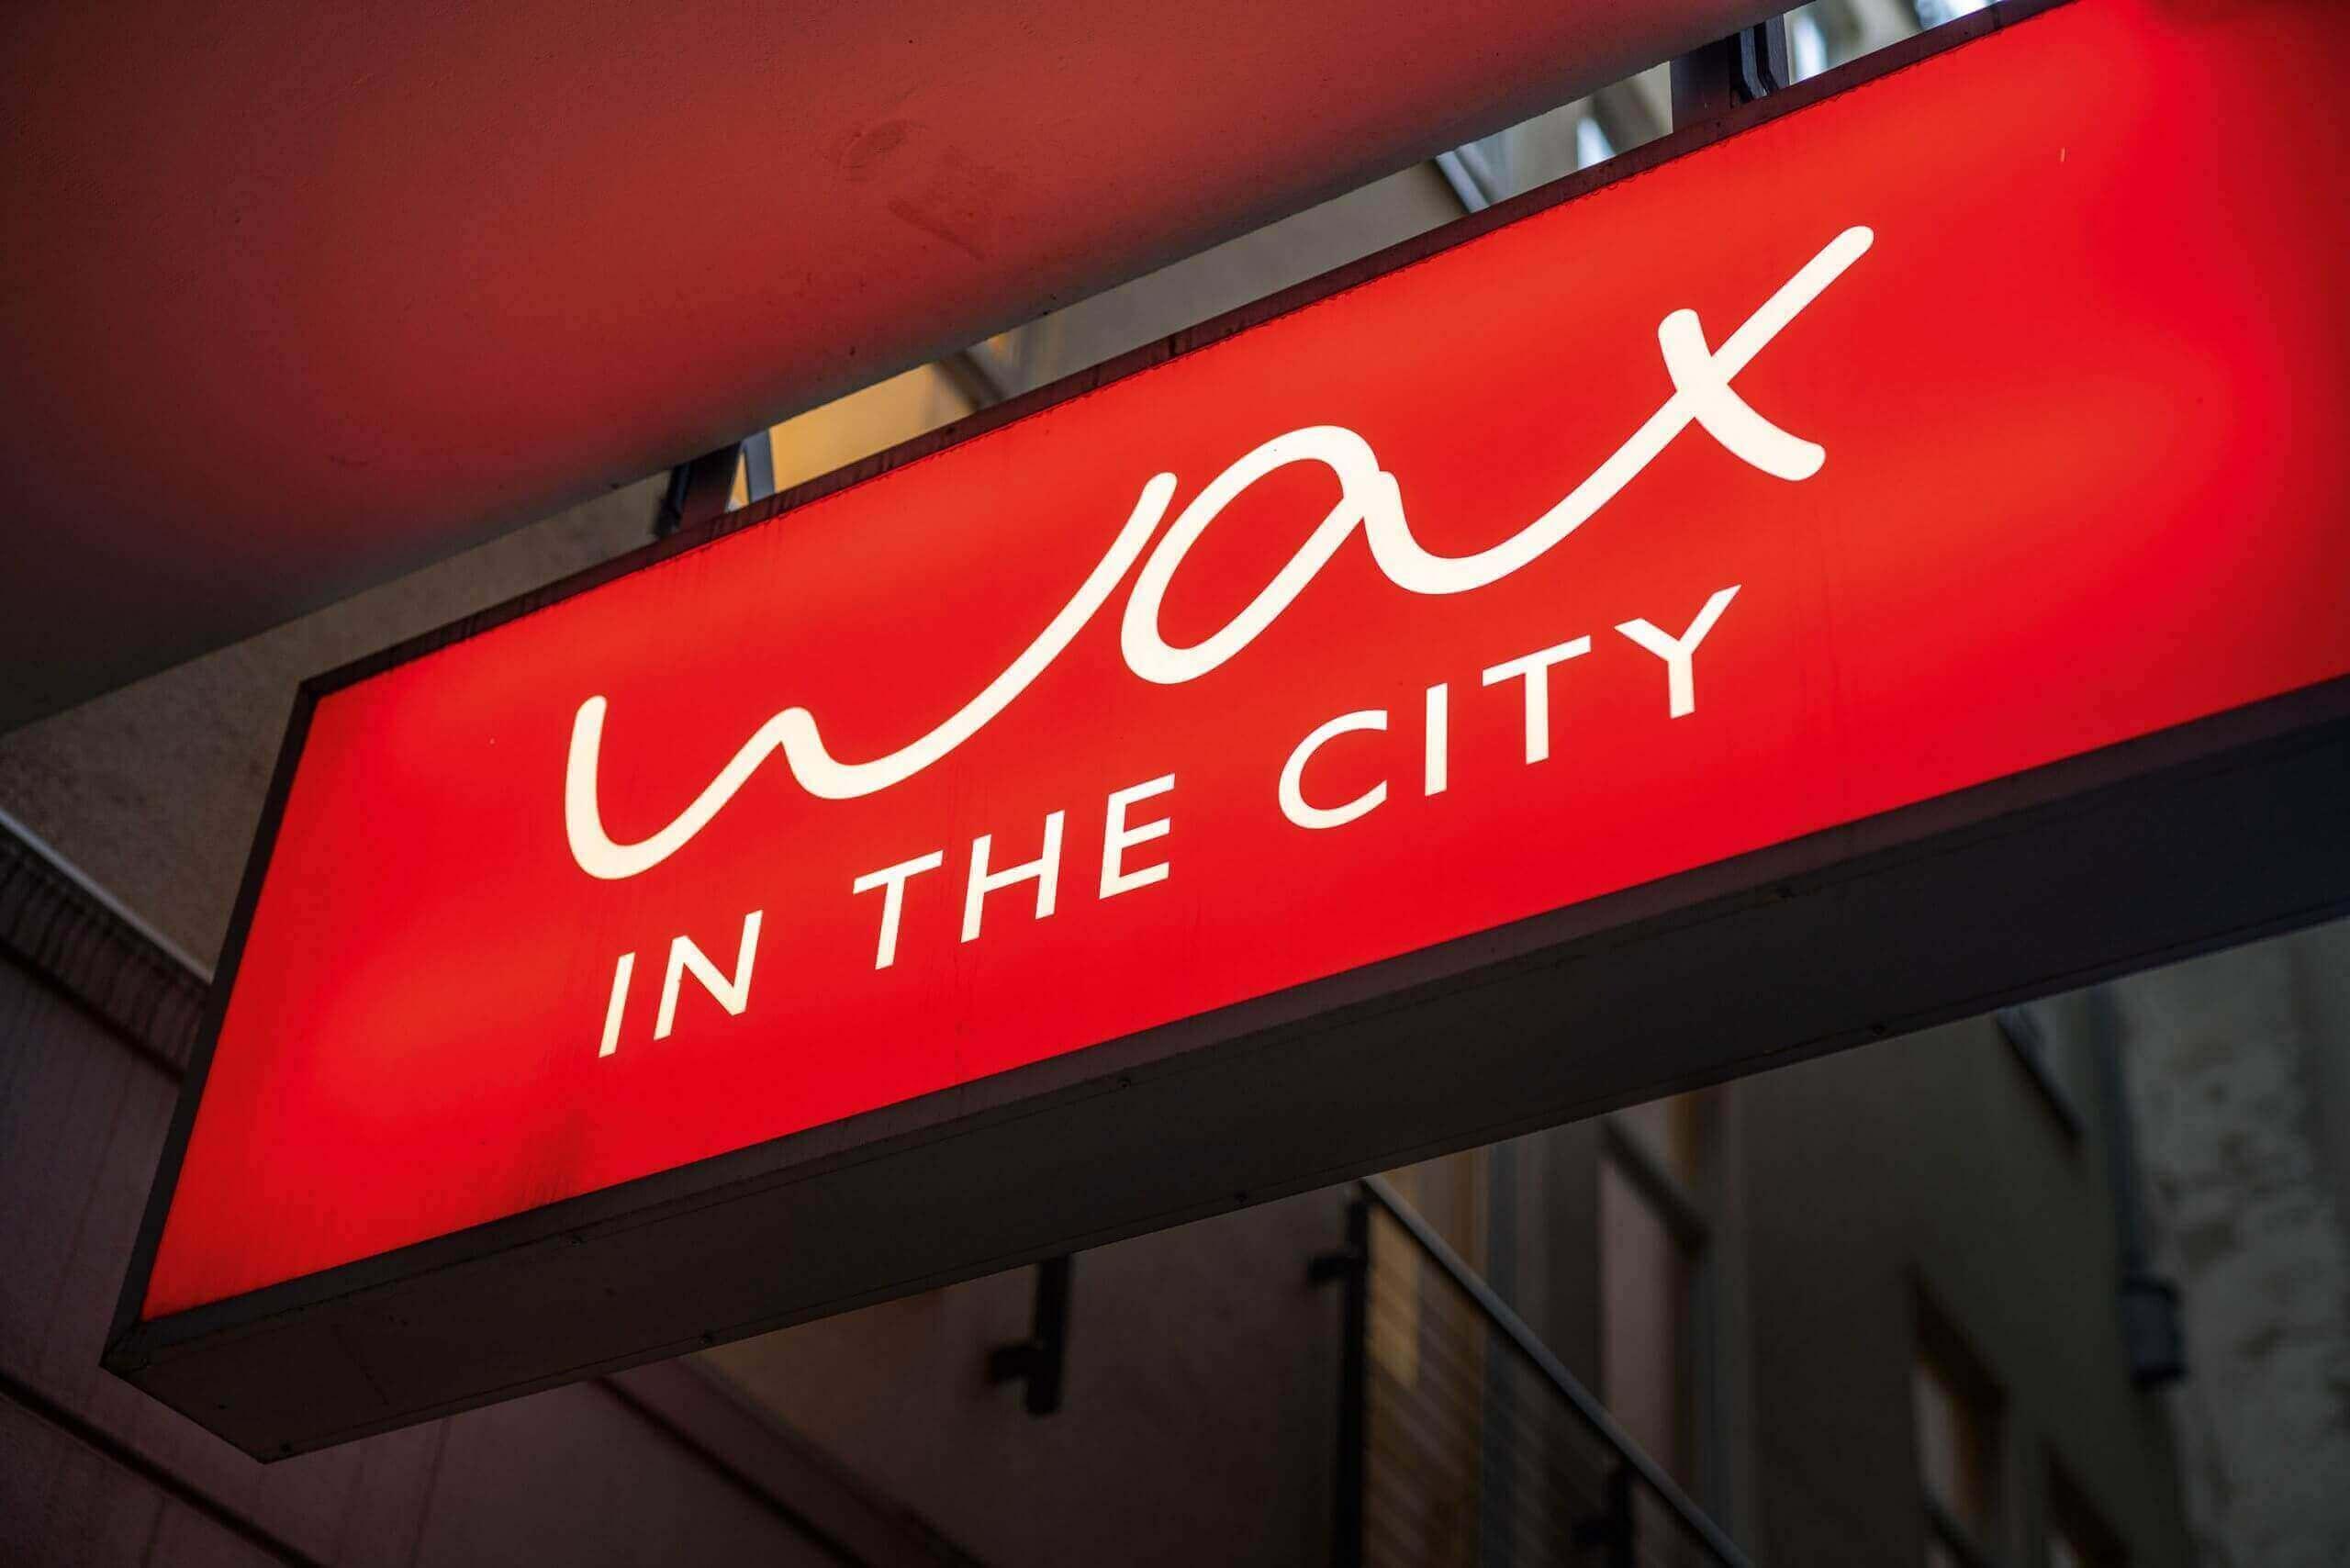 Schild eines Waxing Studios